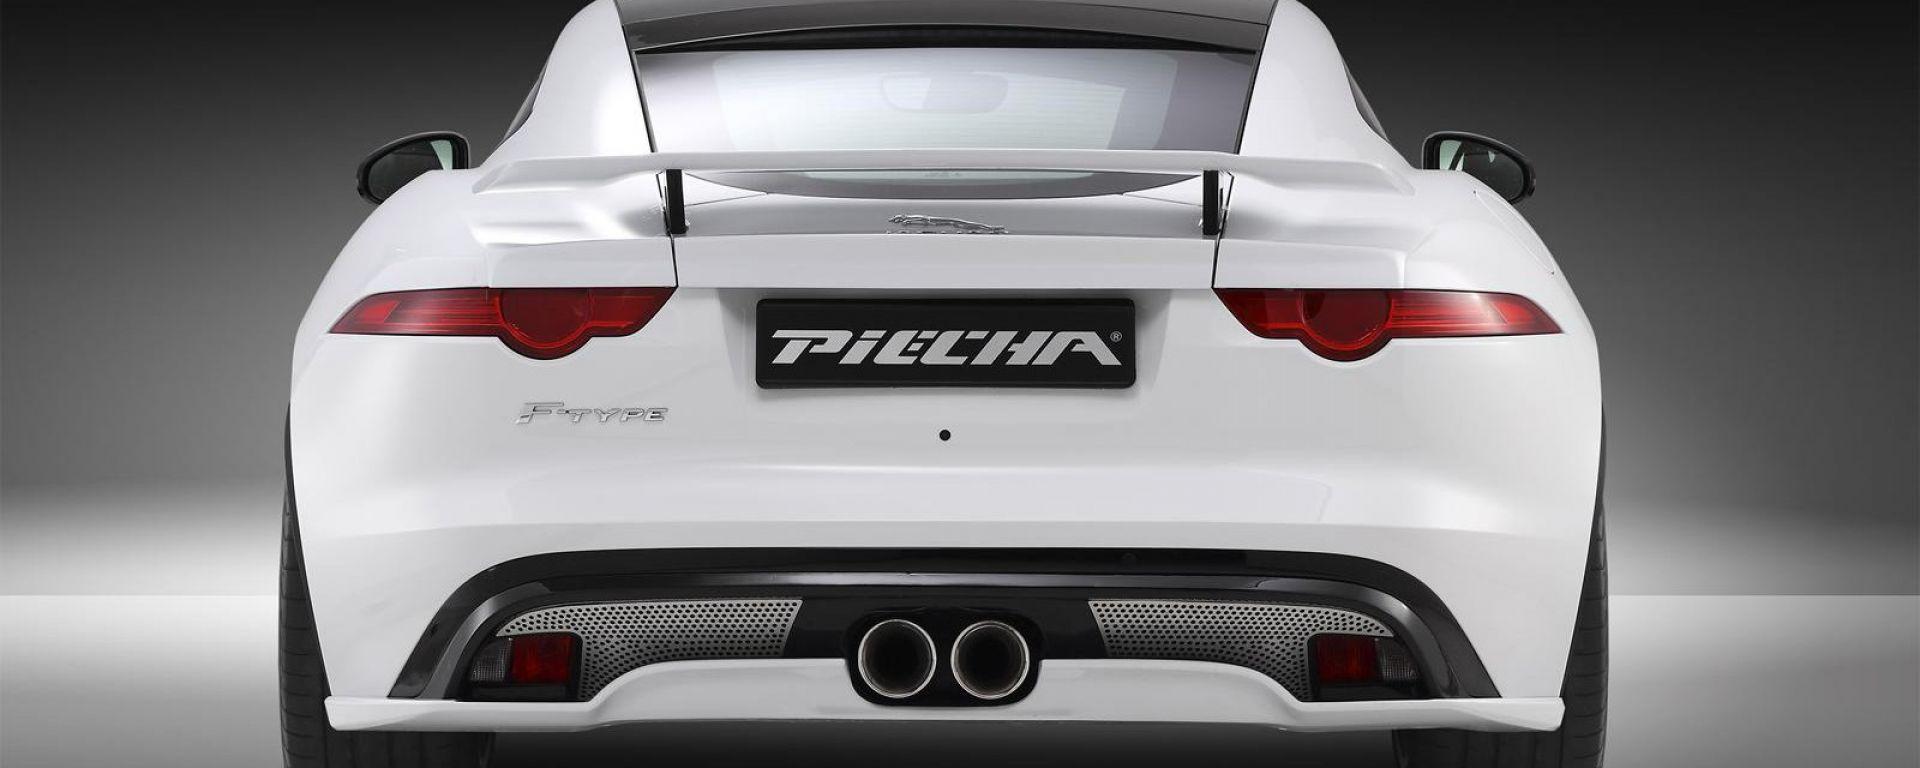 Jaguar F-Type Coupé Evolution by Piecha Design